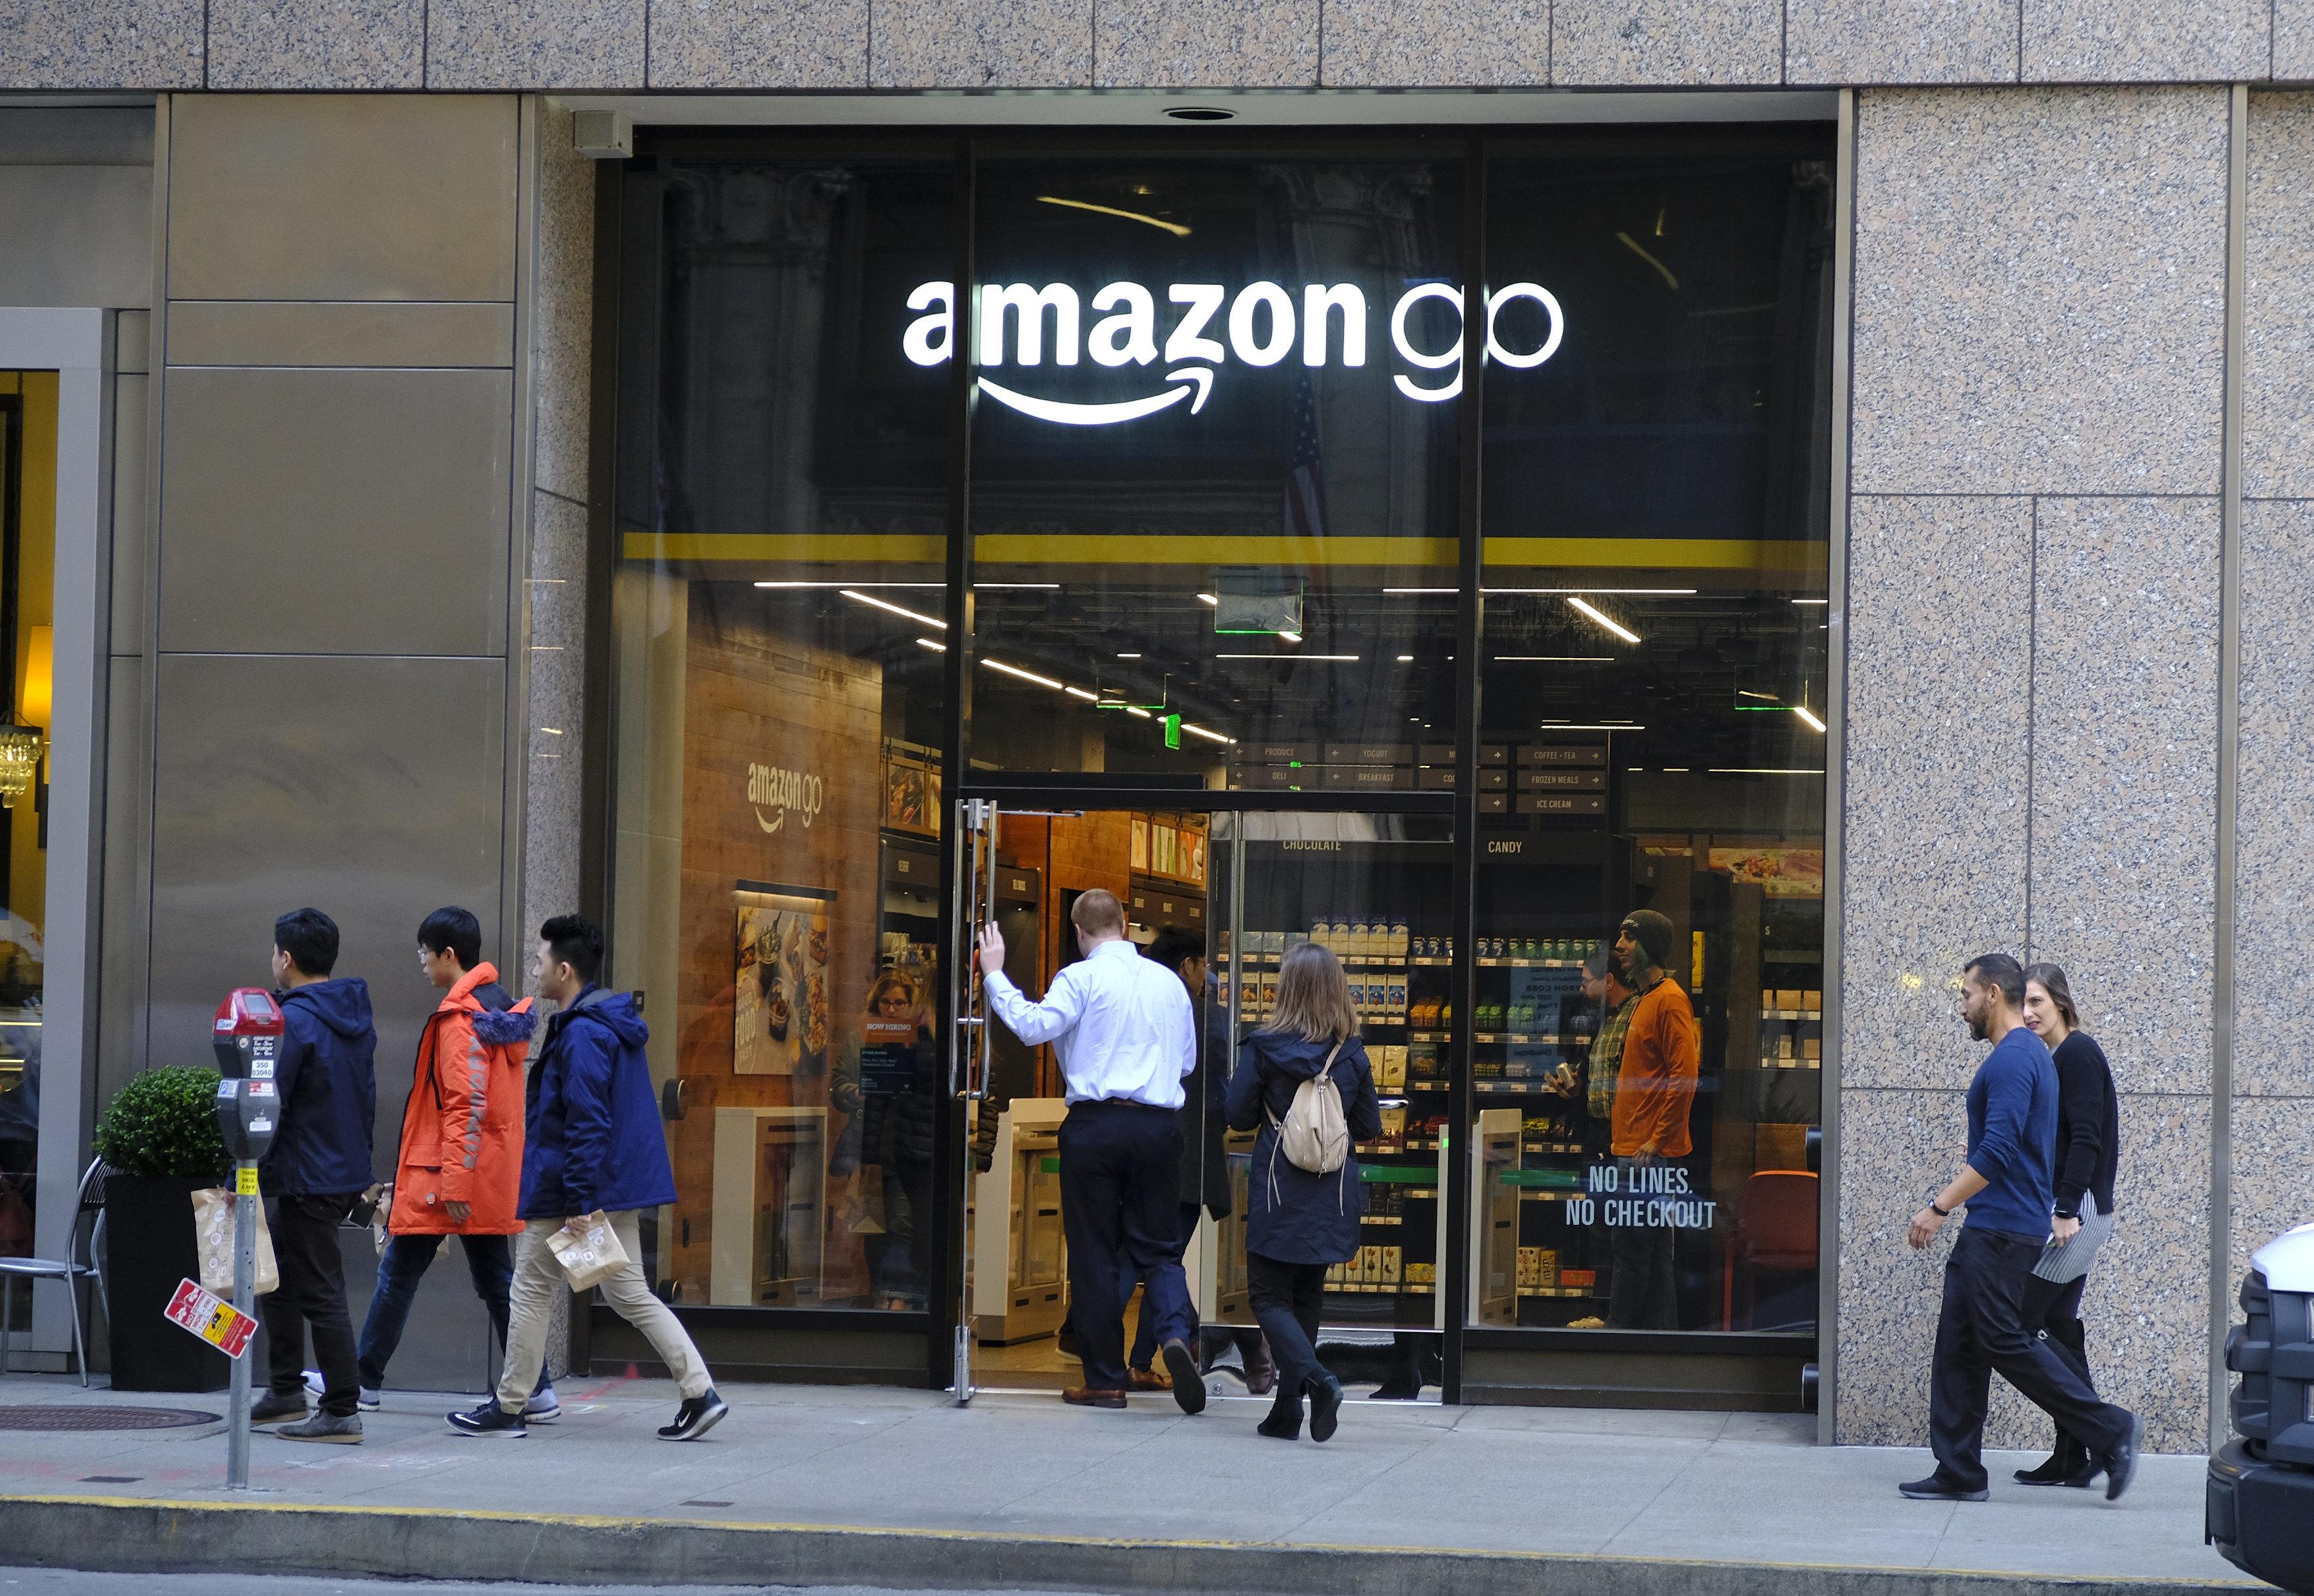 Amazon: Τώρα και σούπερ μάρκετ στη γειτονιά σας! (...εντάξει, στην Αμερική για